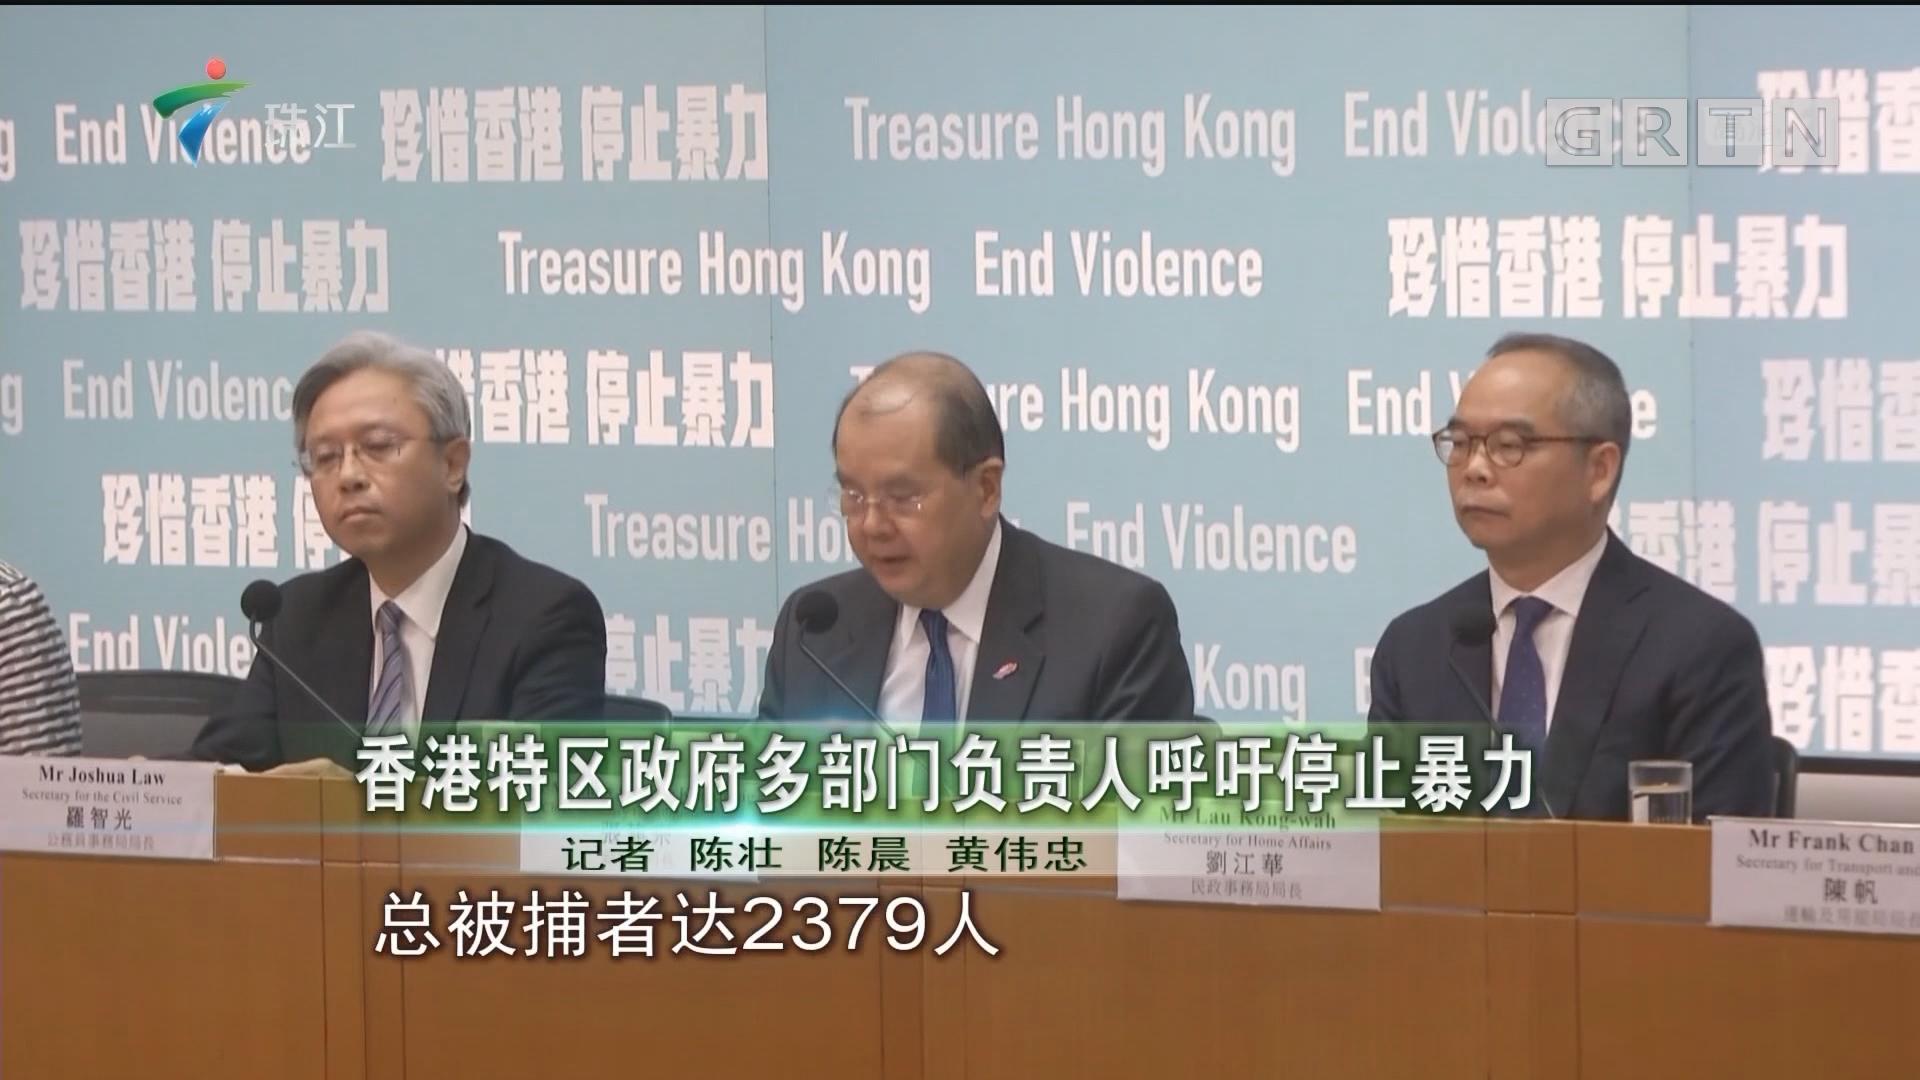 香港特区政府多部门负责人呼吁停止暴力